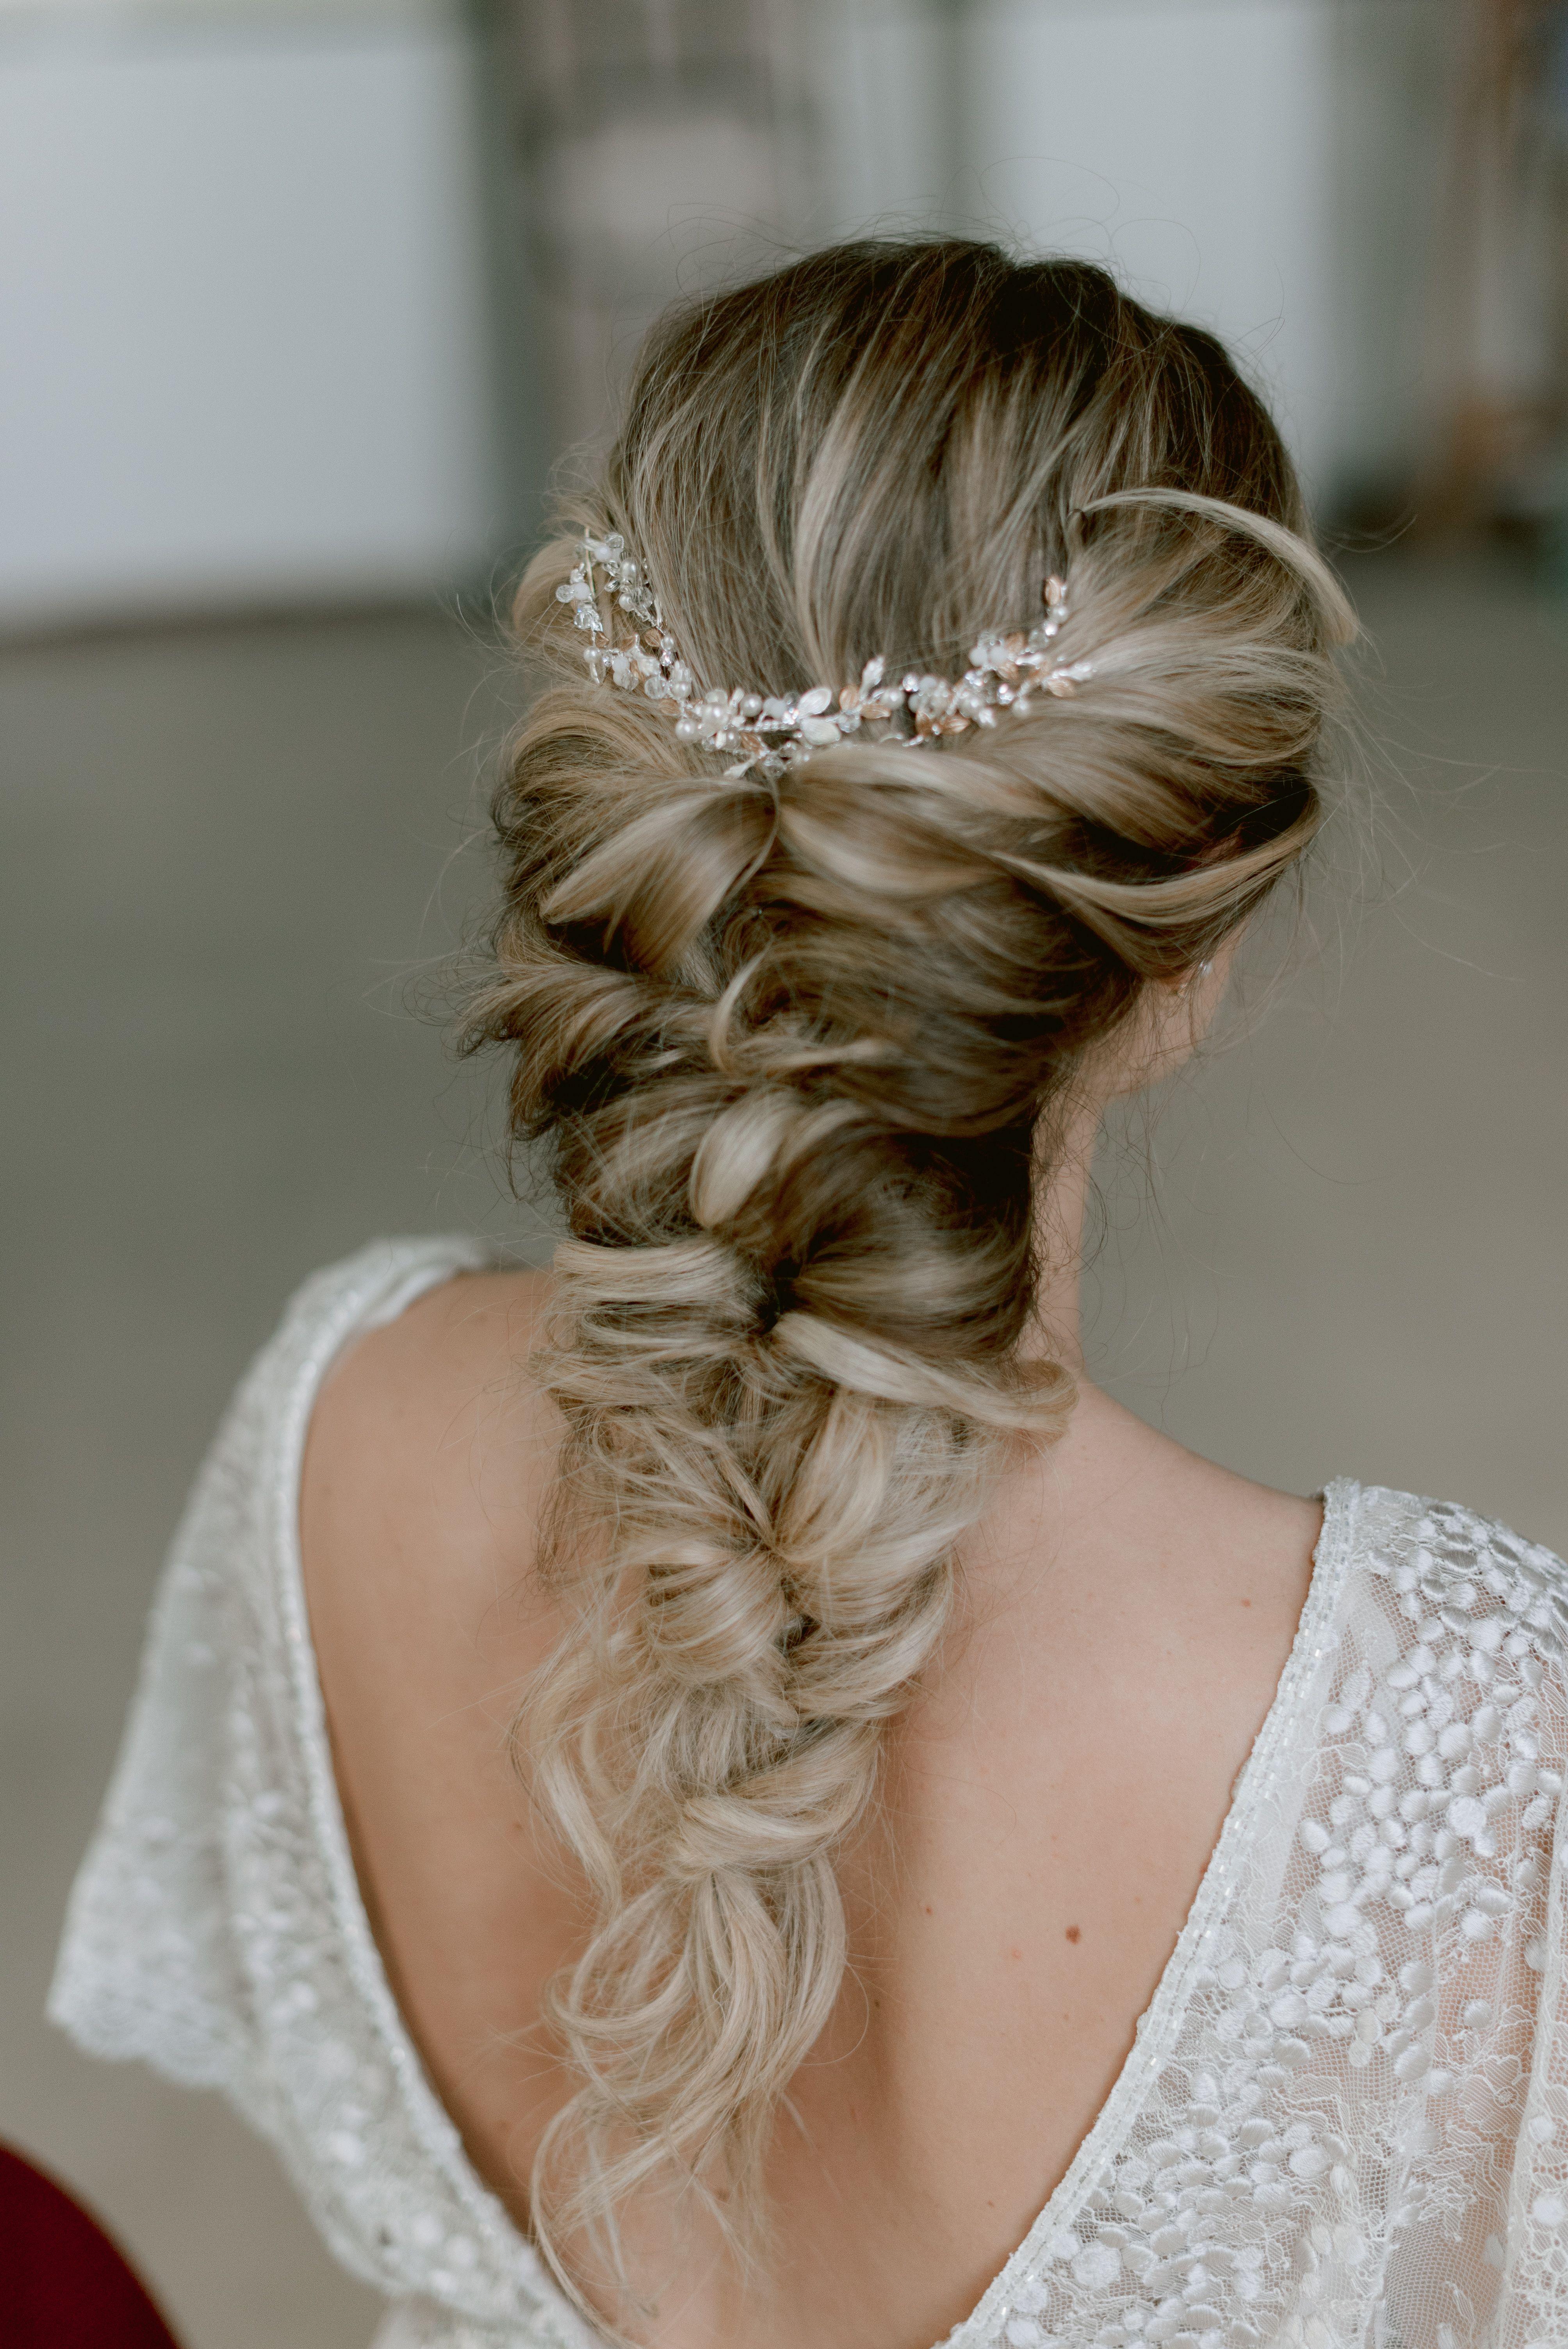 Bridal Hairstyle in 12  Brautfrisur, Frisur trauzeugin, Frisur